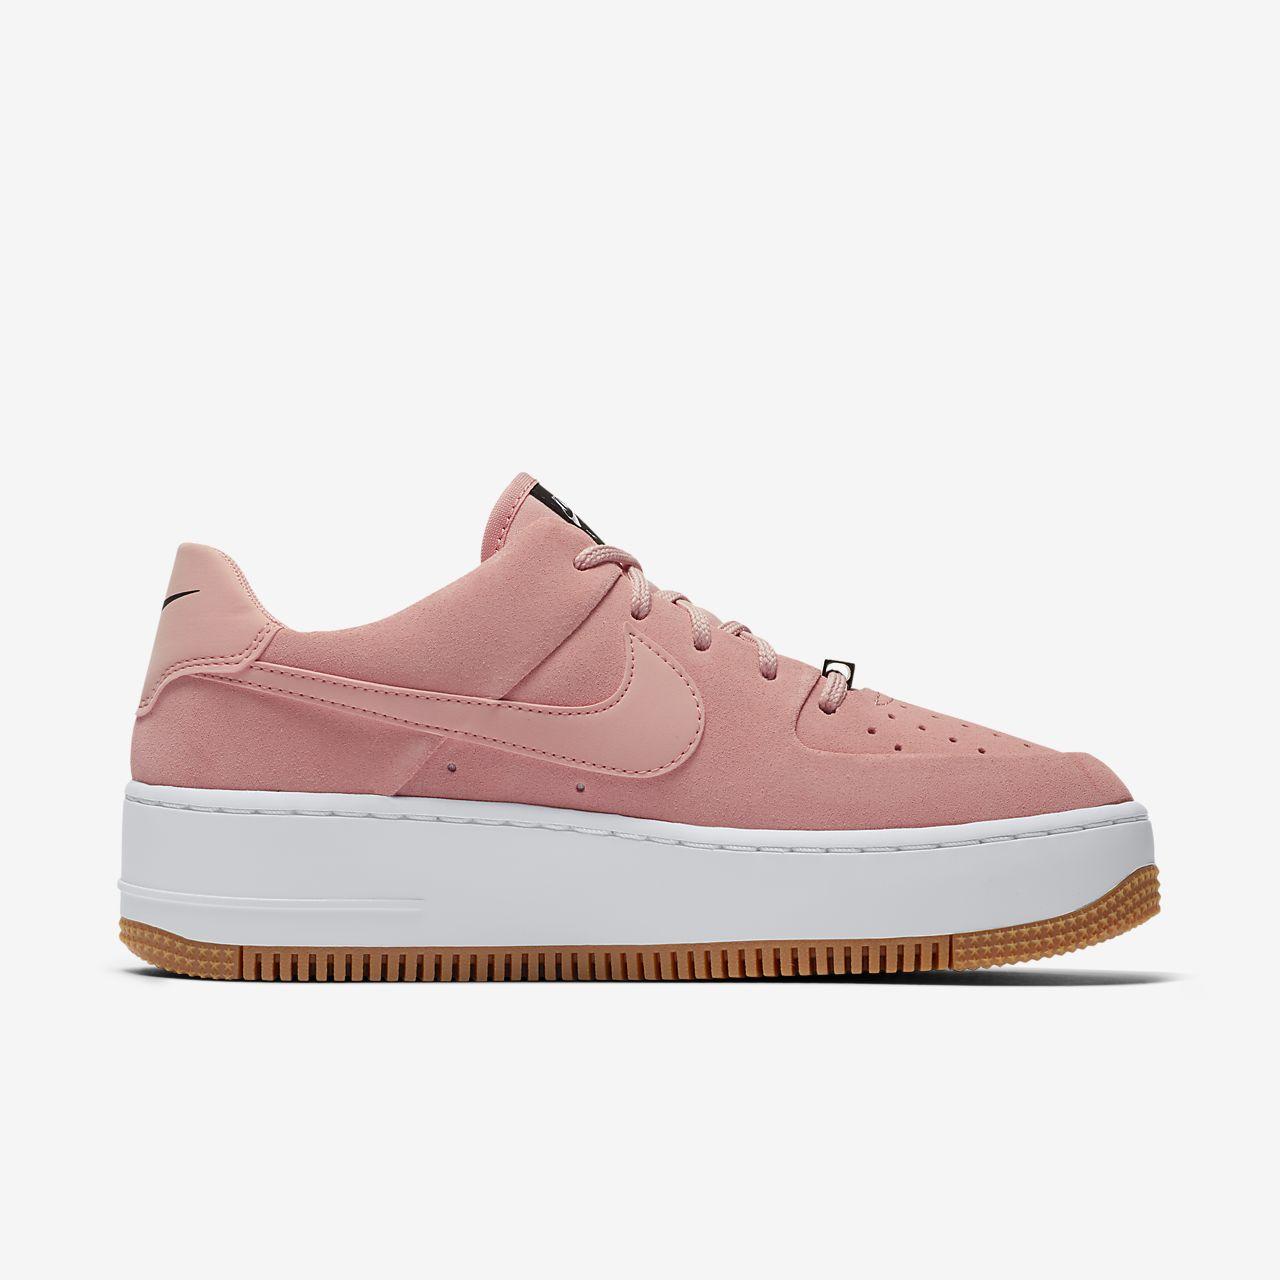 Nike Air Force 1 Flyknit Low Women's Left Shoe Size 7   eBay